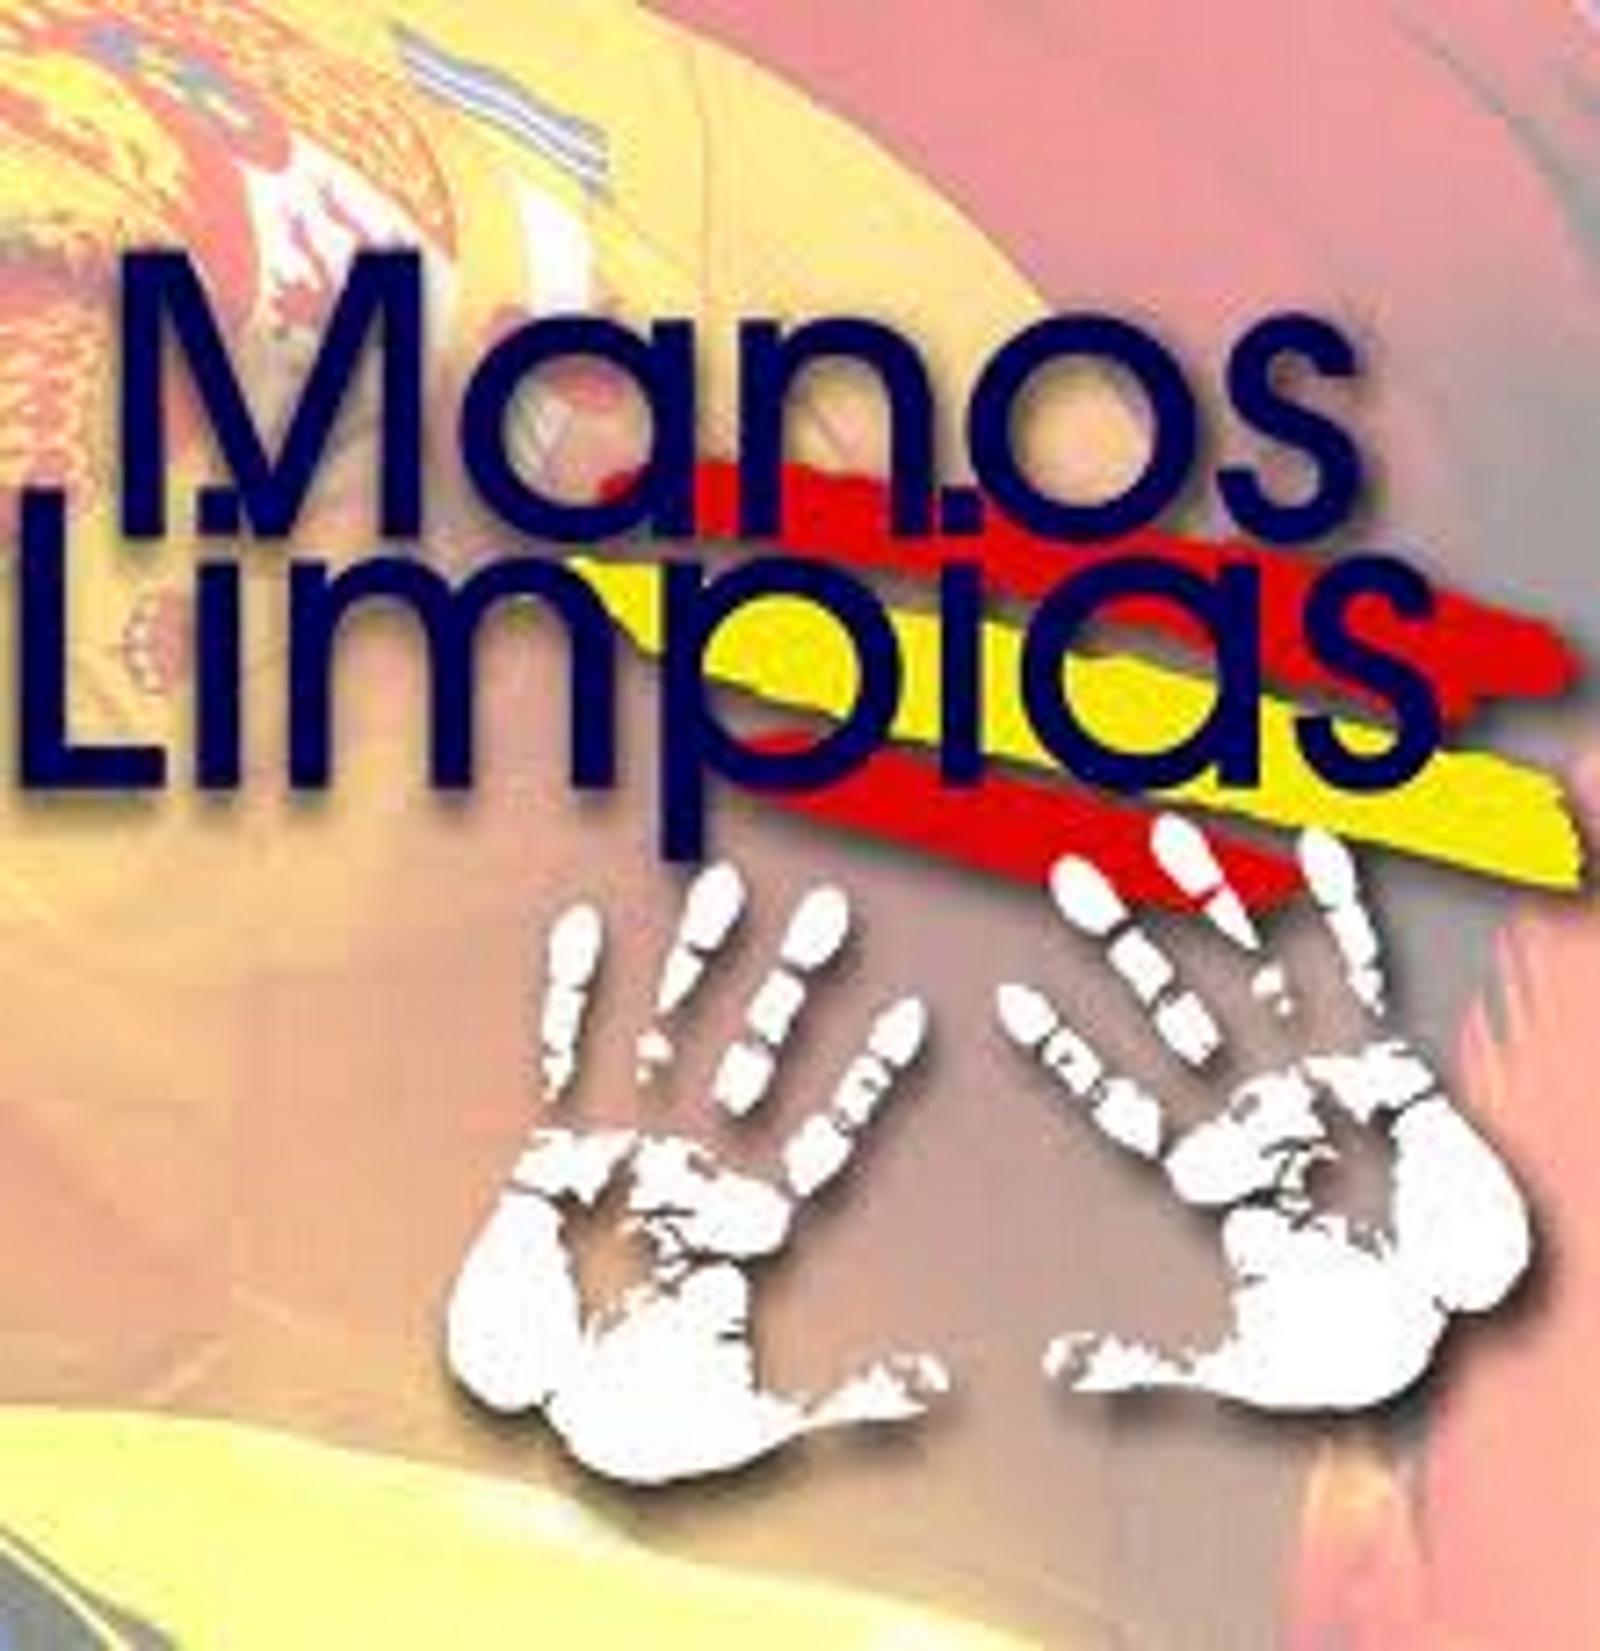 Manos Limpias se adhiere a la plataforma convocante del 12-O 2014 que se iniciará en Paseo de Gracia de Barcelona a las 11:00 horas